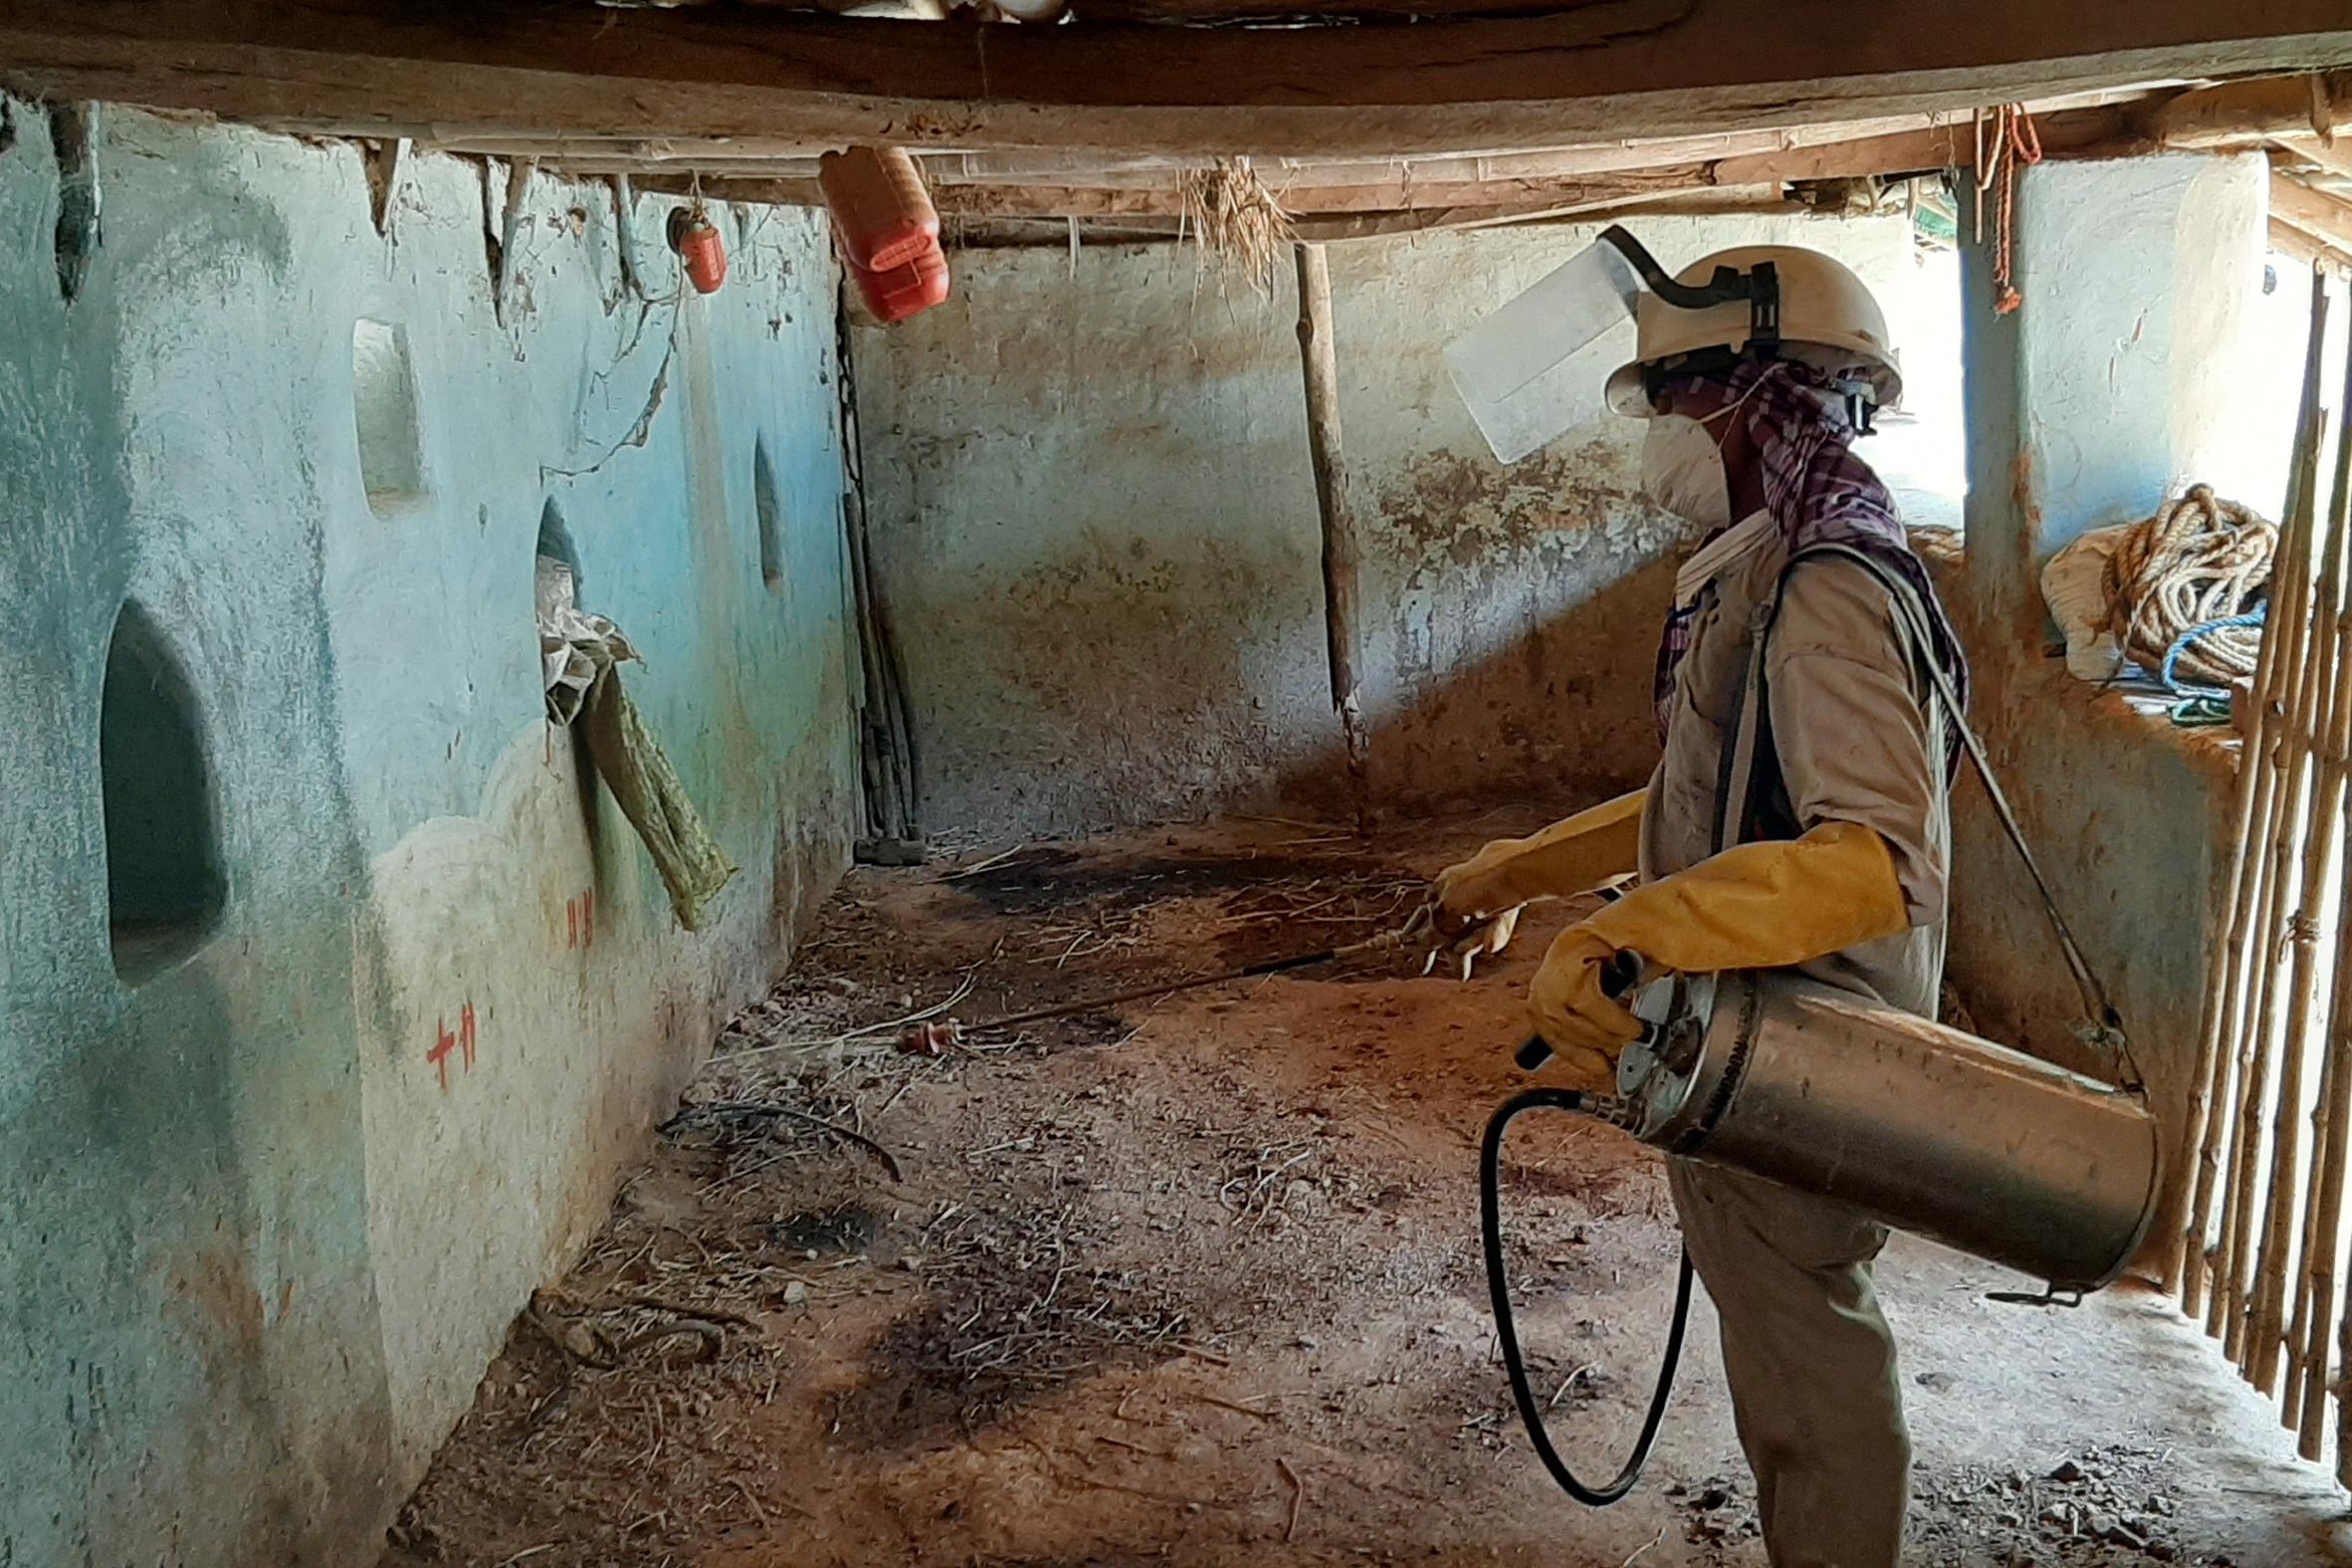 Indoor residual spraying for vector control in a high kala-azar endemic village.